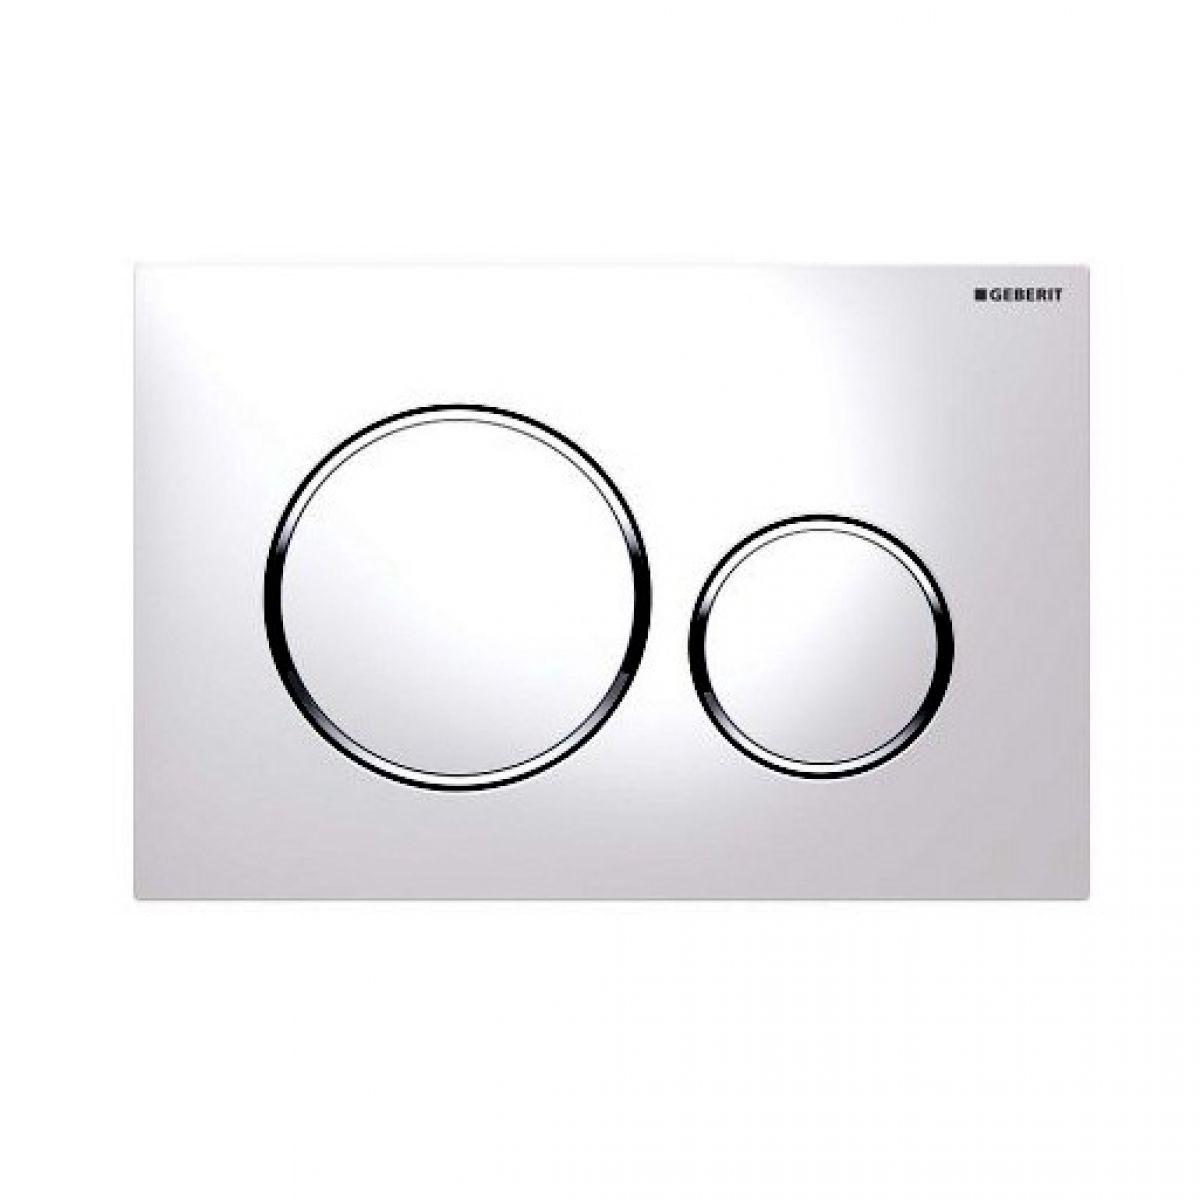 geberit sigma20 dual flush plate uk bathrooms. Black Bedroom Furniture Sets. Home Design Ideas